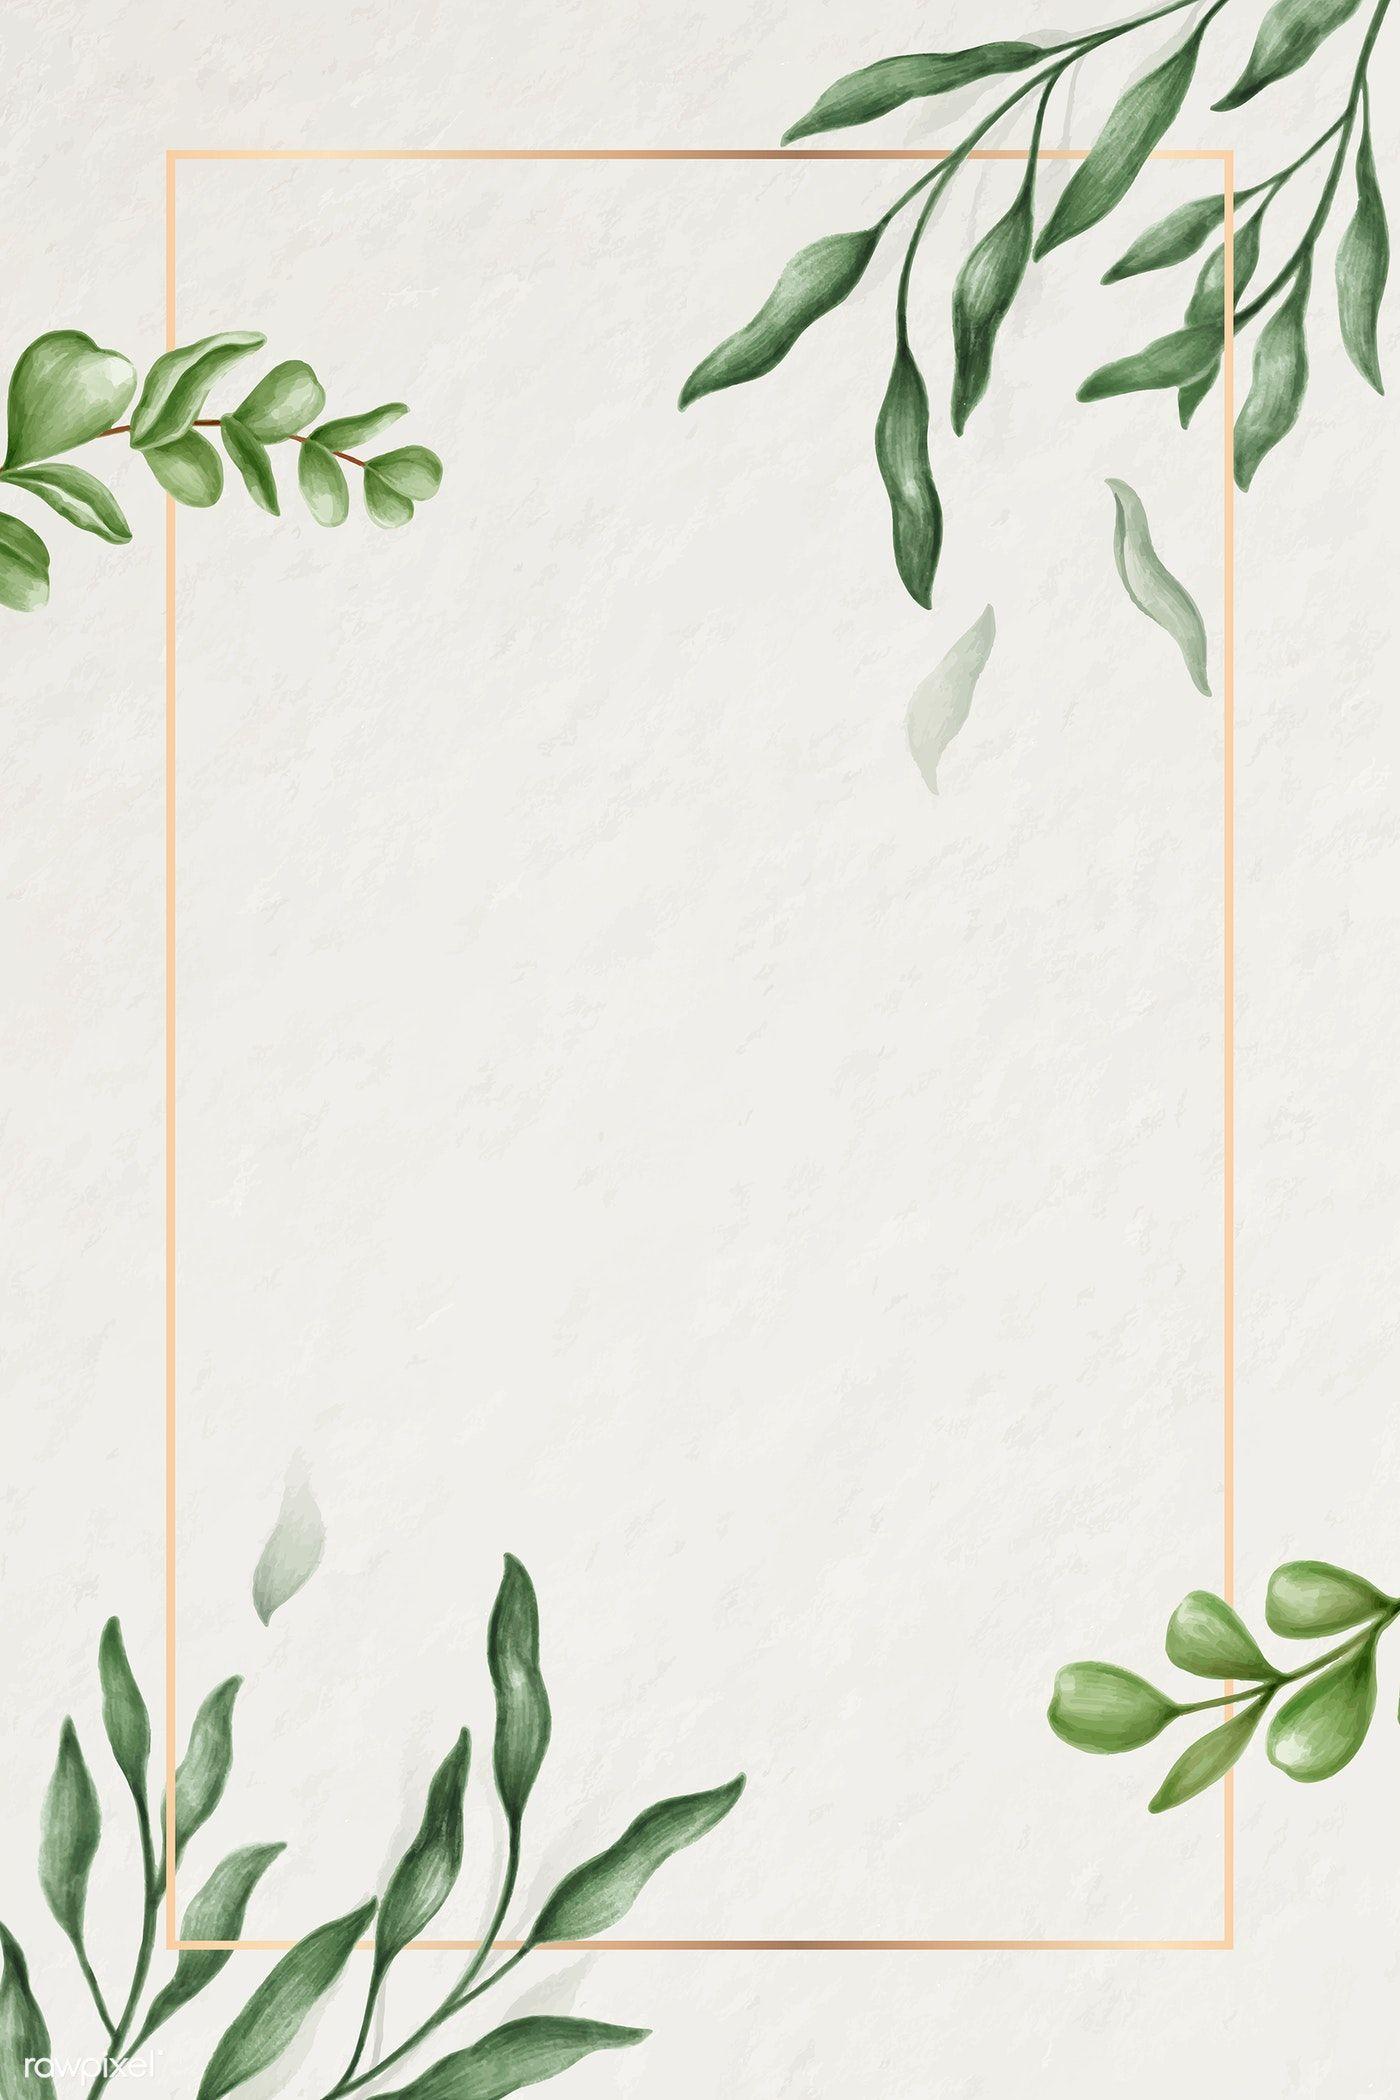 Download Premium Illustration Of Green Leaves Frame Illustration 2032982 In 2020 Green Leaf Wallpaper Green Leaf Background Floral Printables